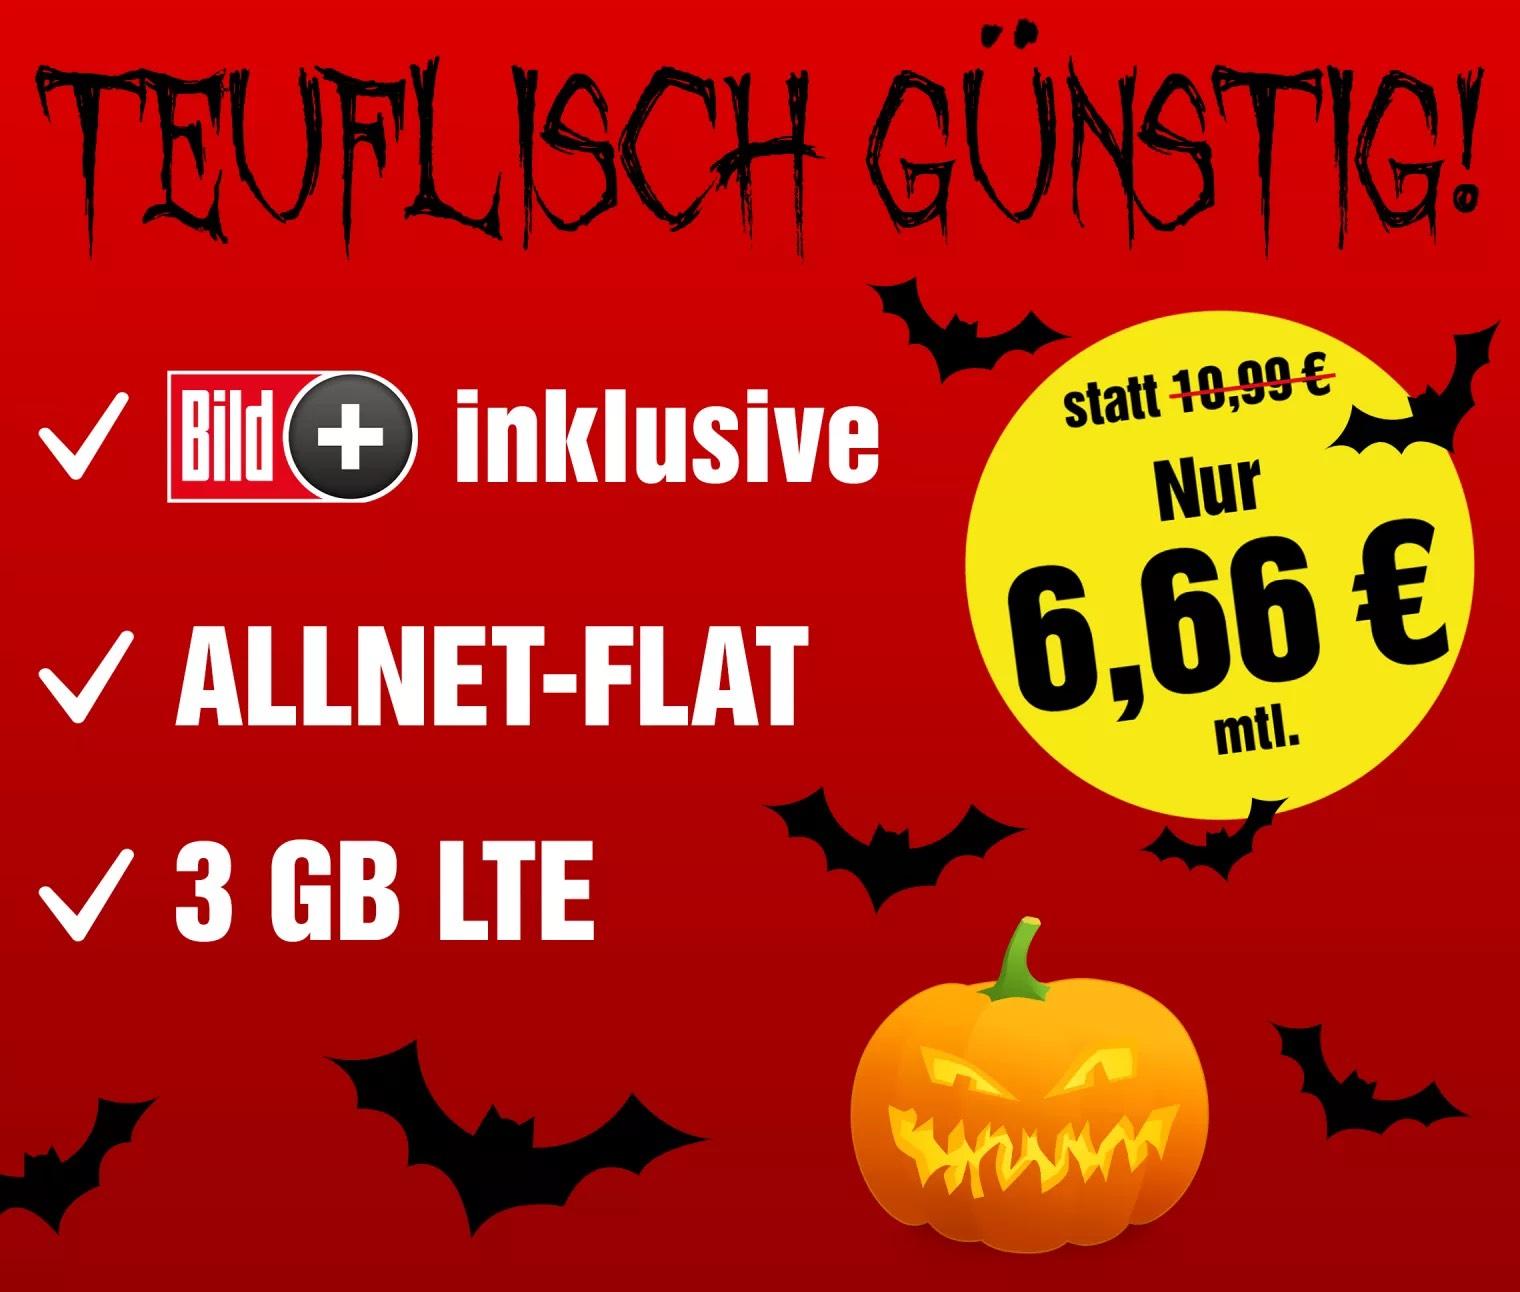 BildConnect LTE S für 6,66€ mtl. + 12€ Cashback + 5€ Shoop.de-Gutschein